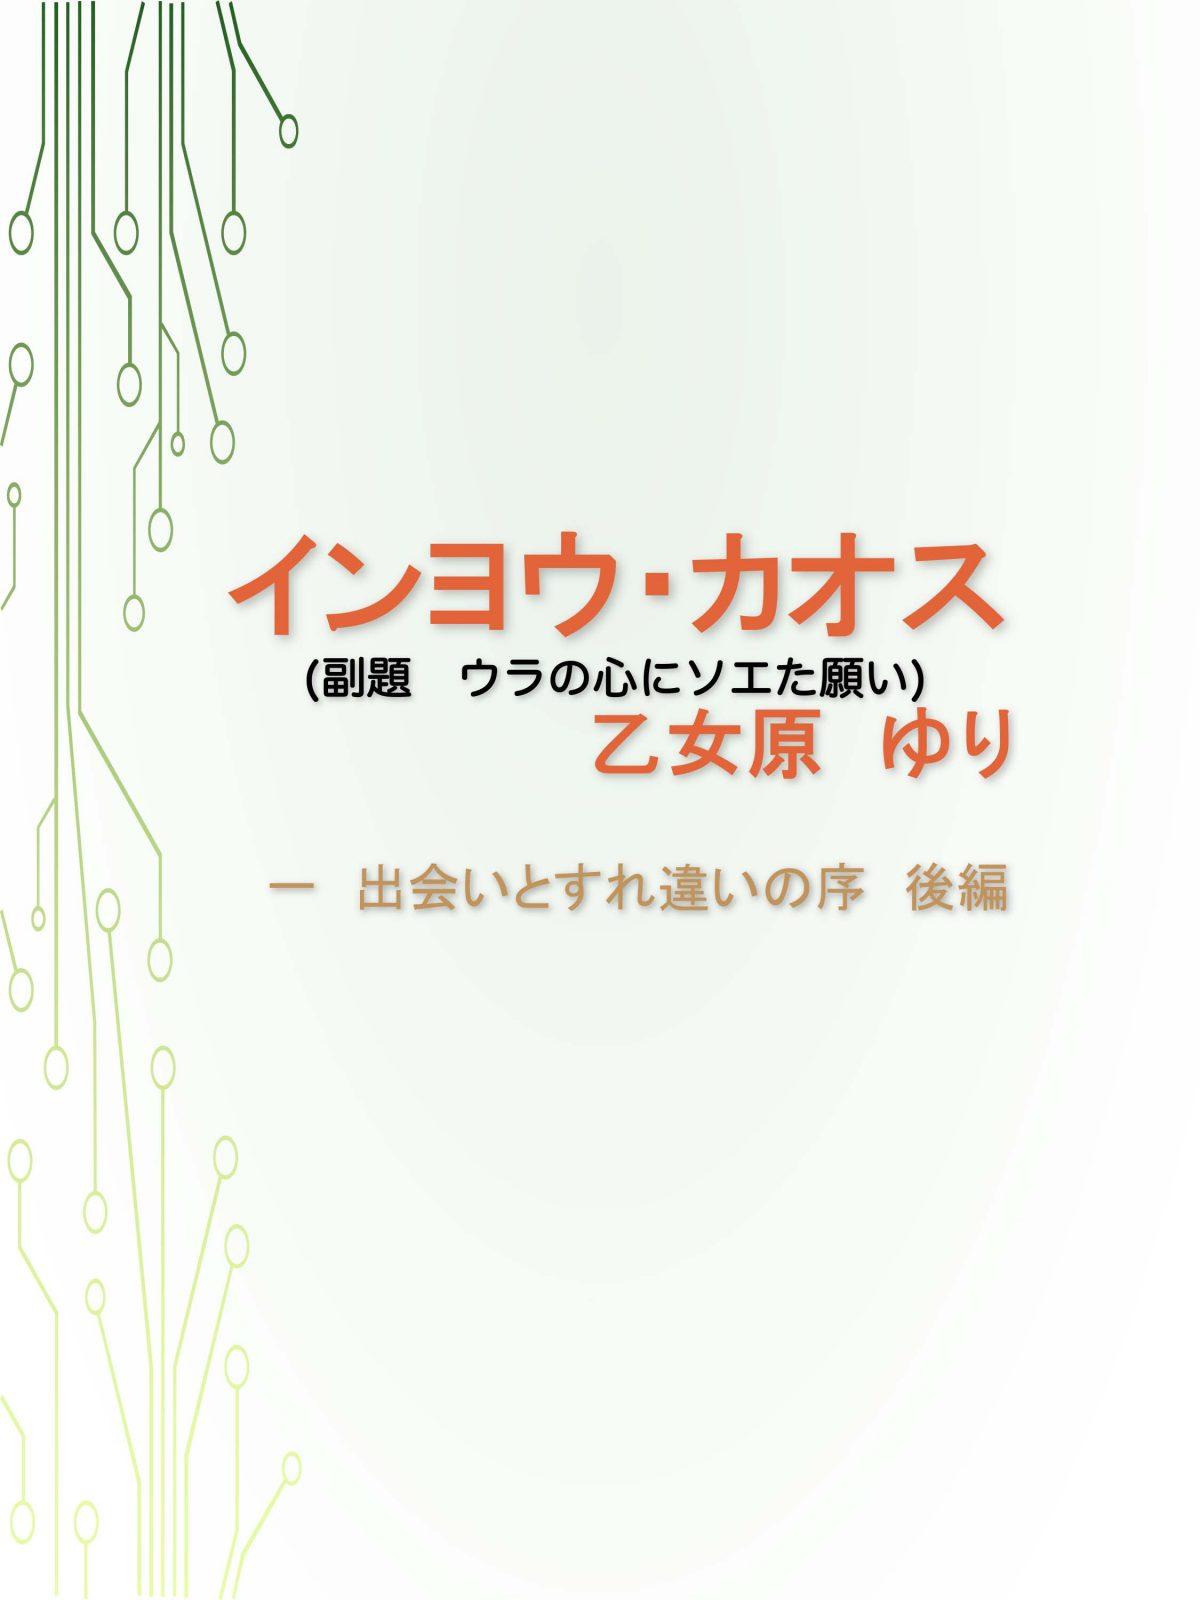 インヨウ・カオス (副題 ウラの心にソエた願い)  1.出会いとすれ違いの序 後編